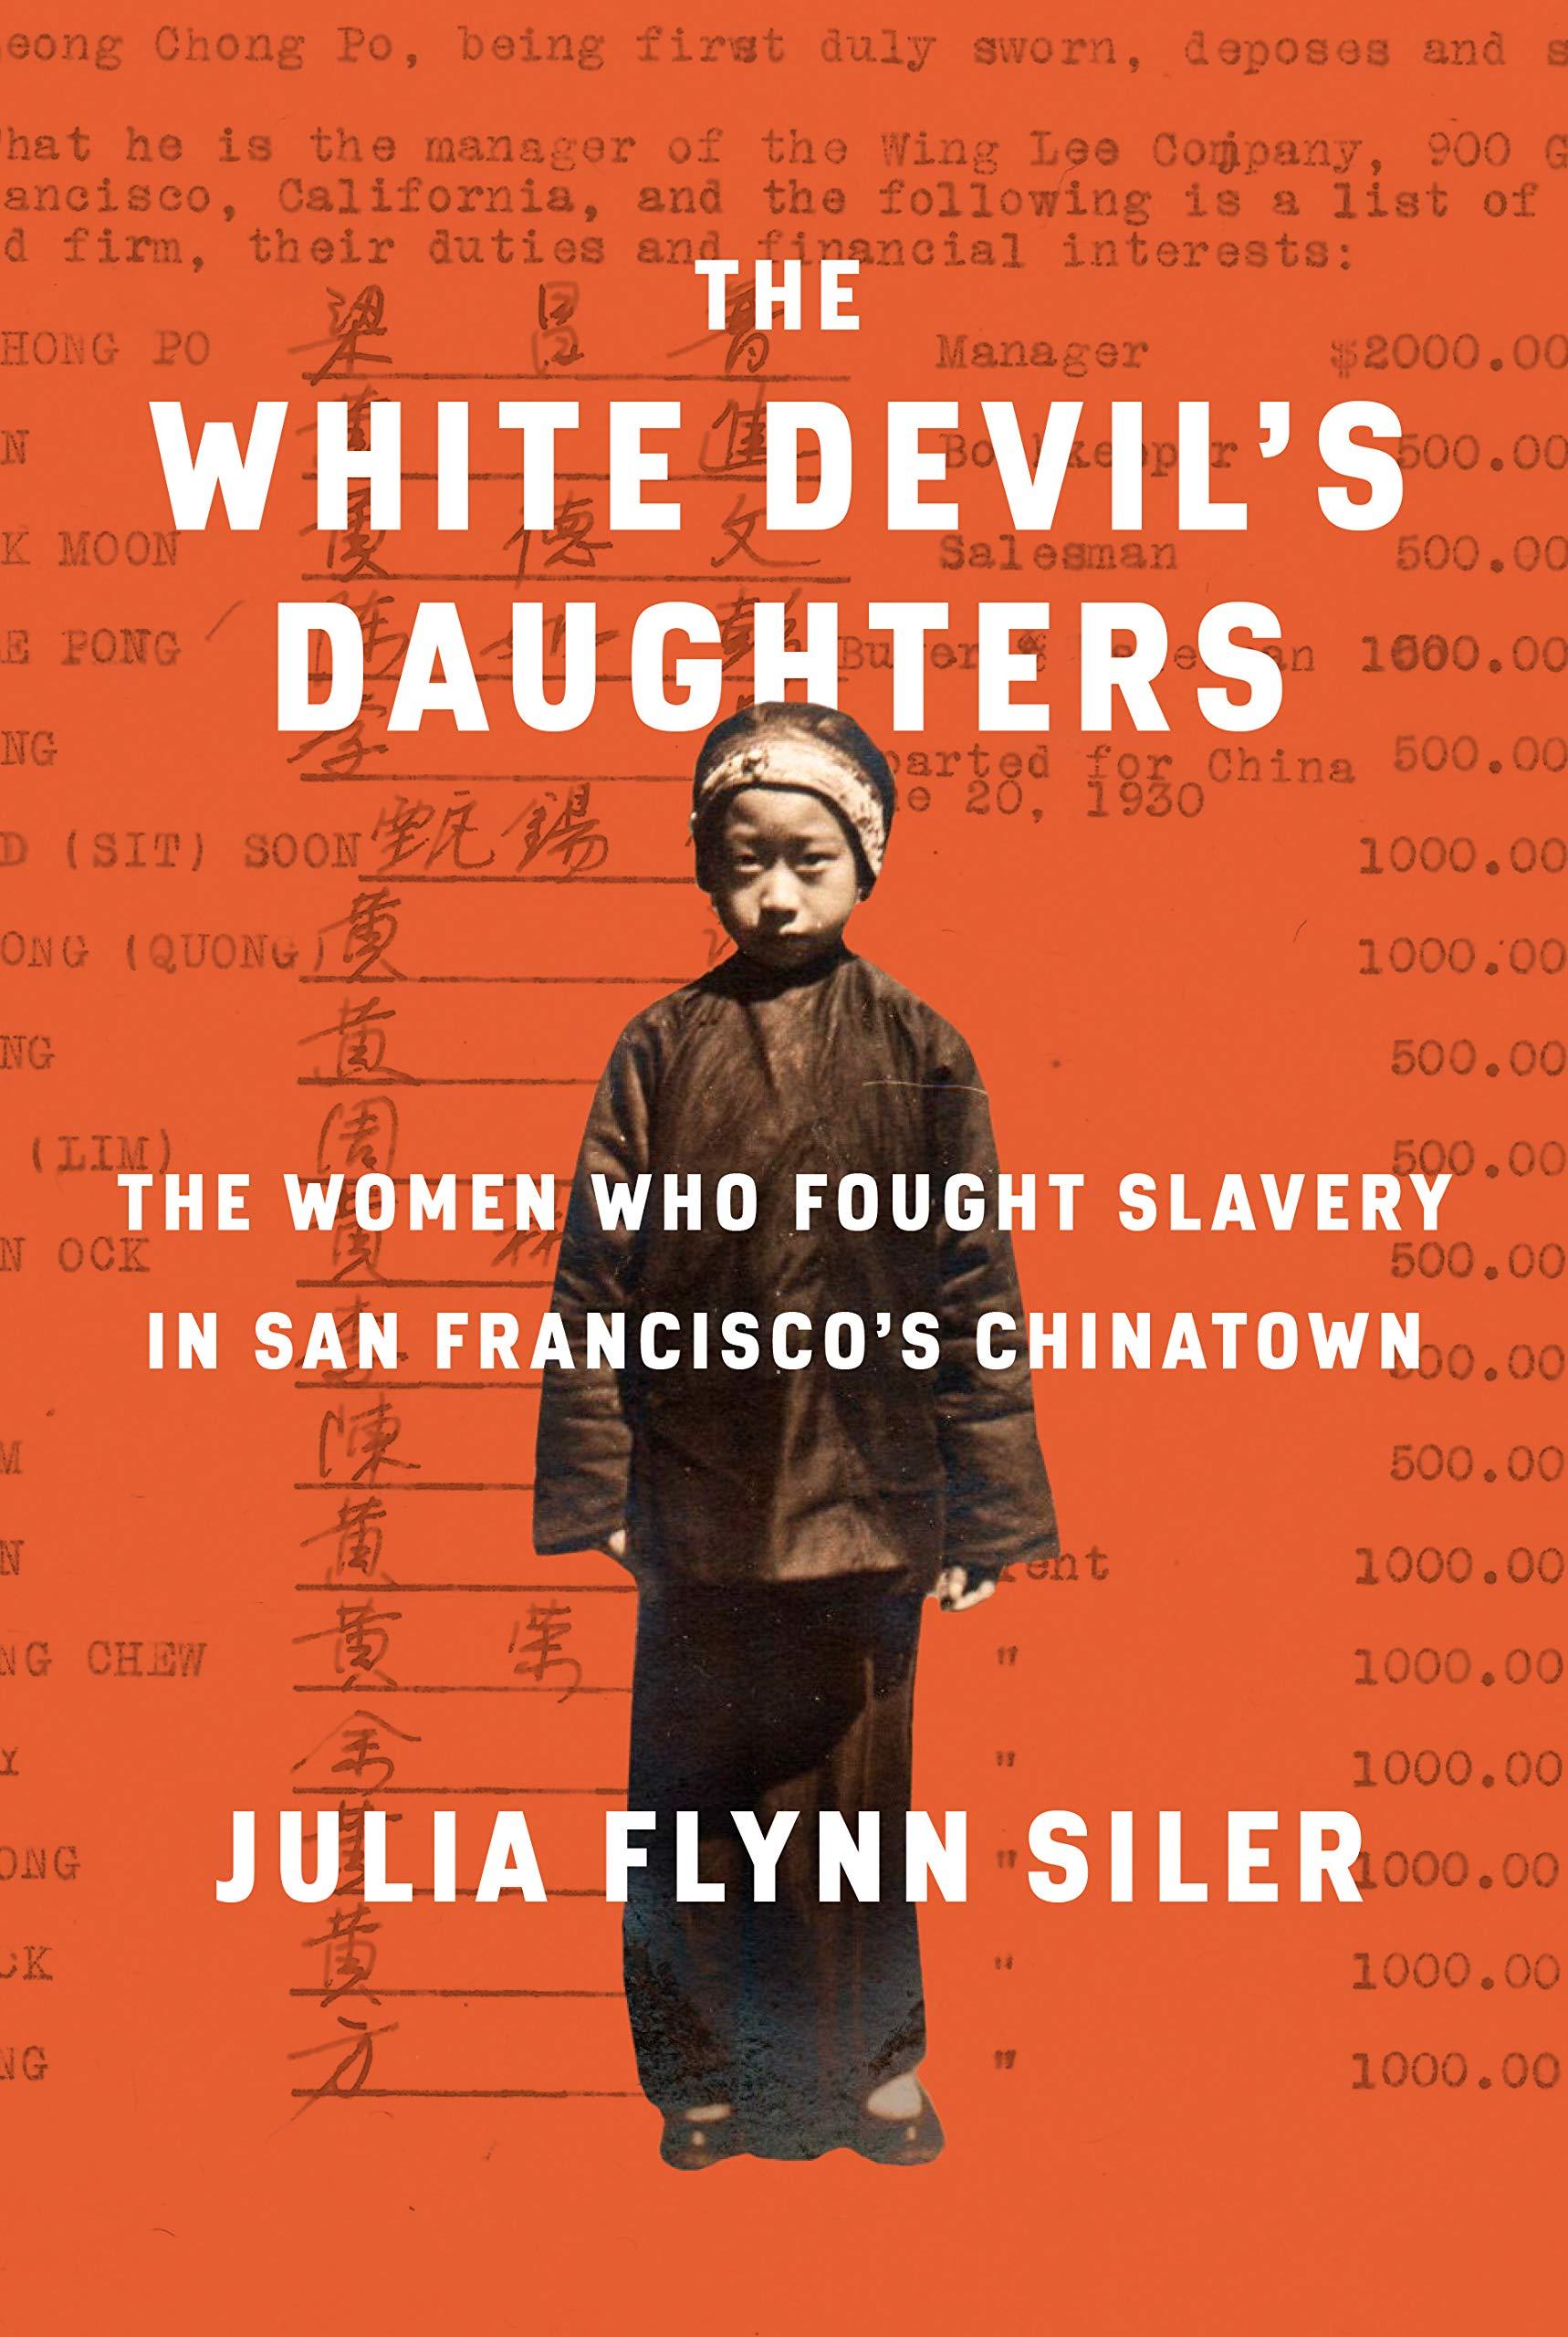 Julia Flynn Siler.jpg